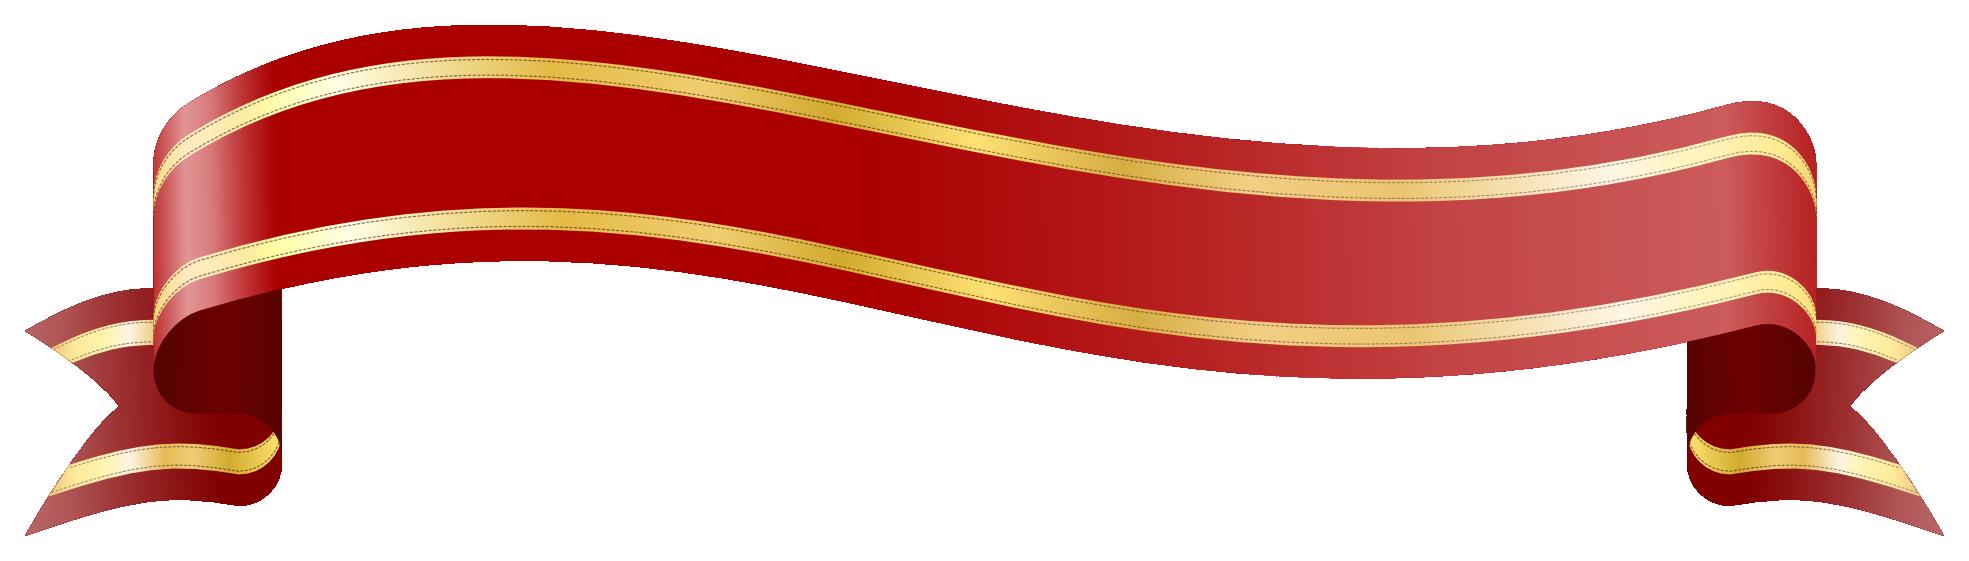 Ribbon PNG - 2593